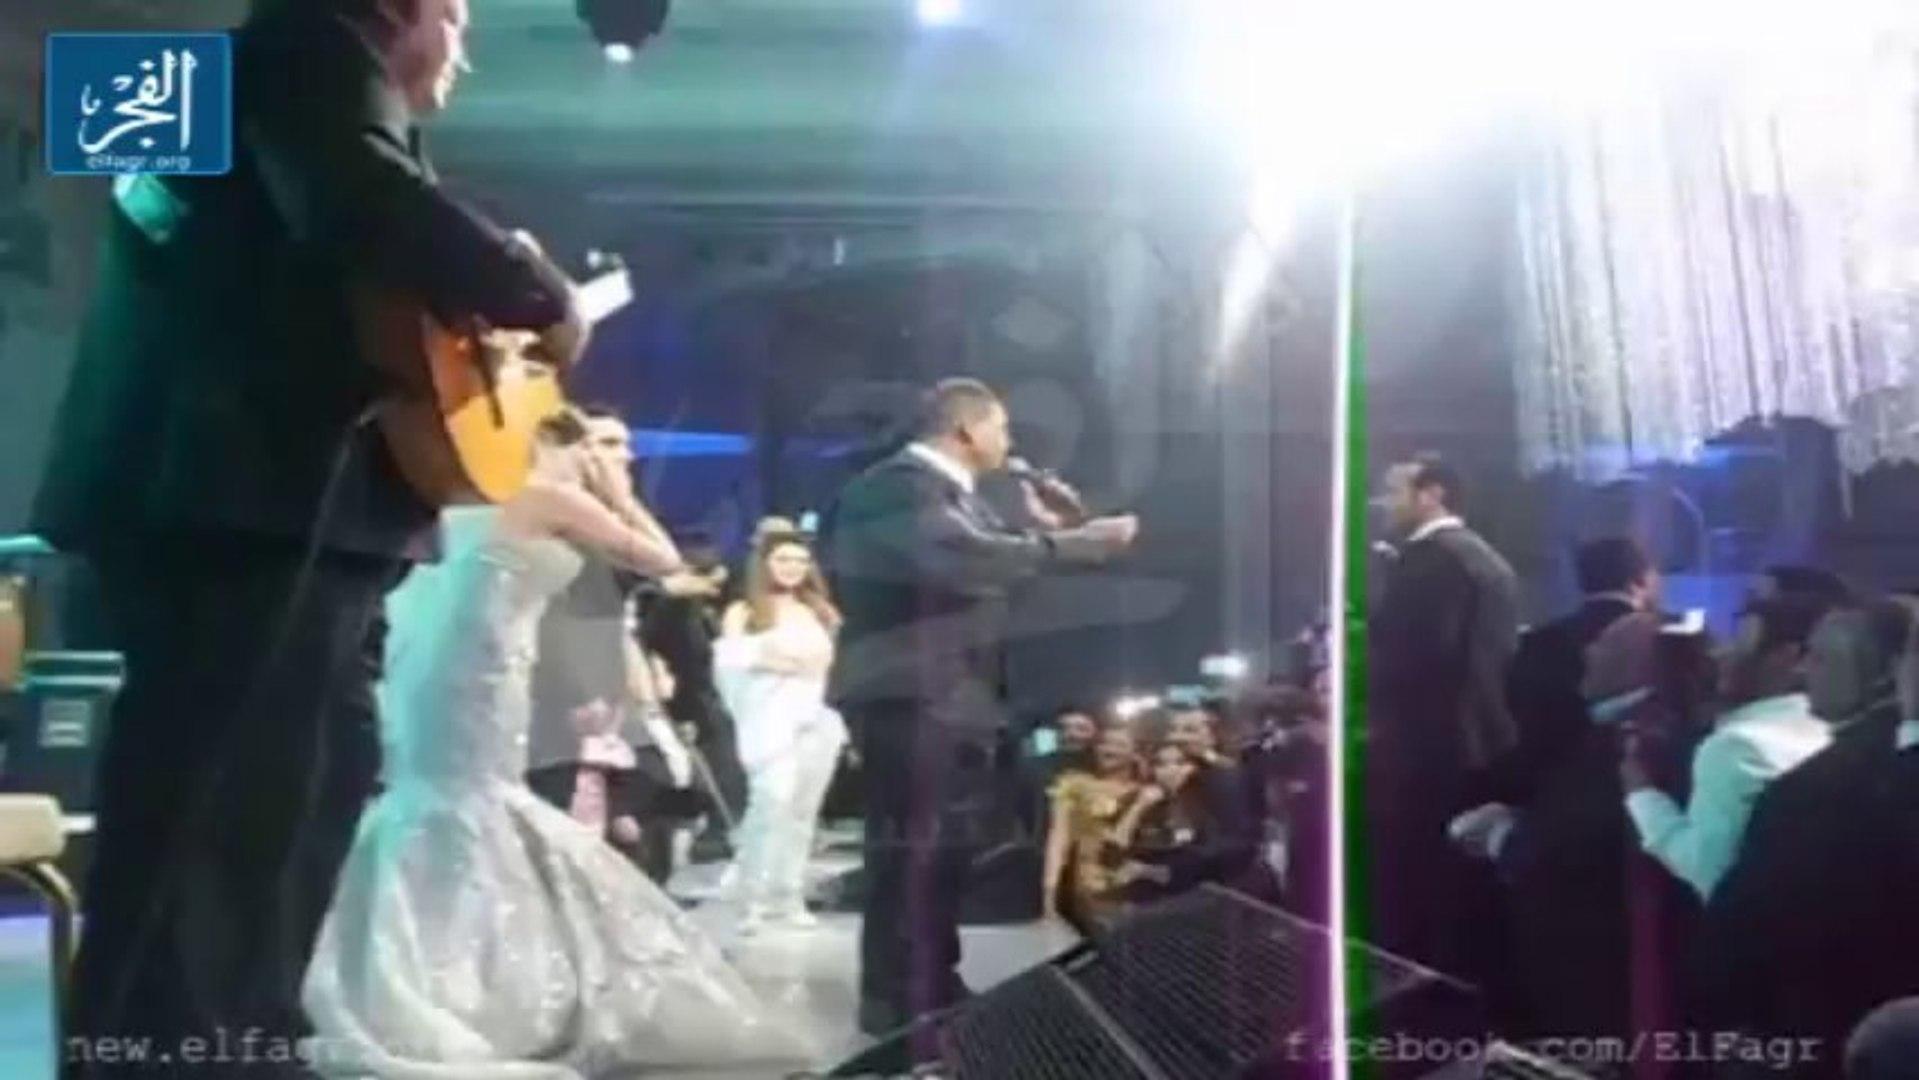 Amr Diab Amarain & Elleila Private Wedding Four Seasons Hotel 8 nov 2013